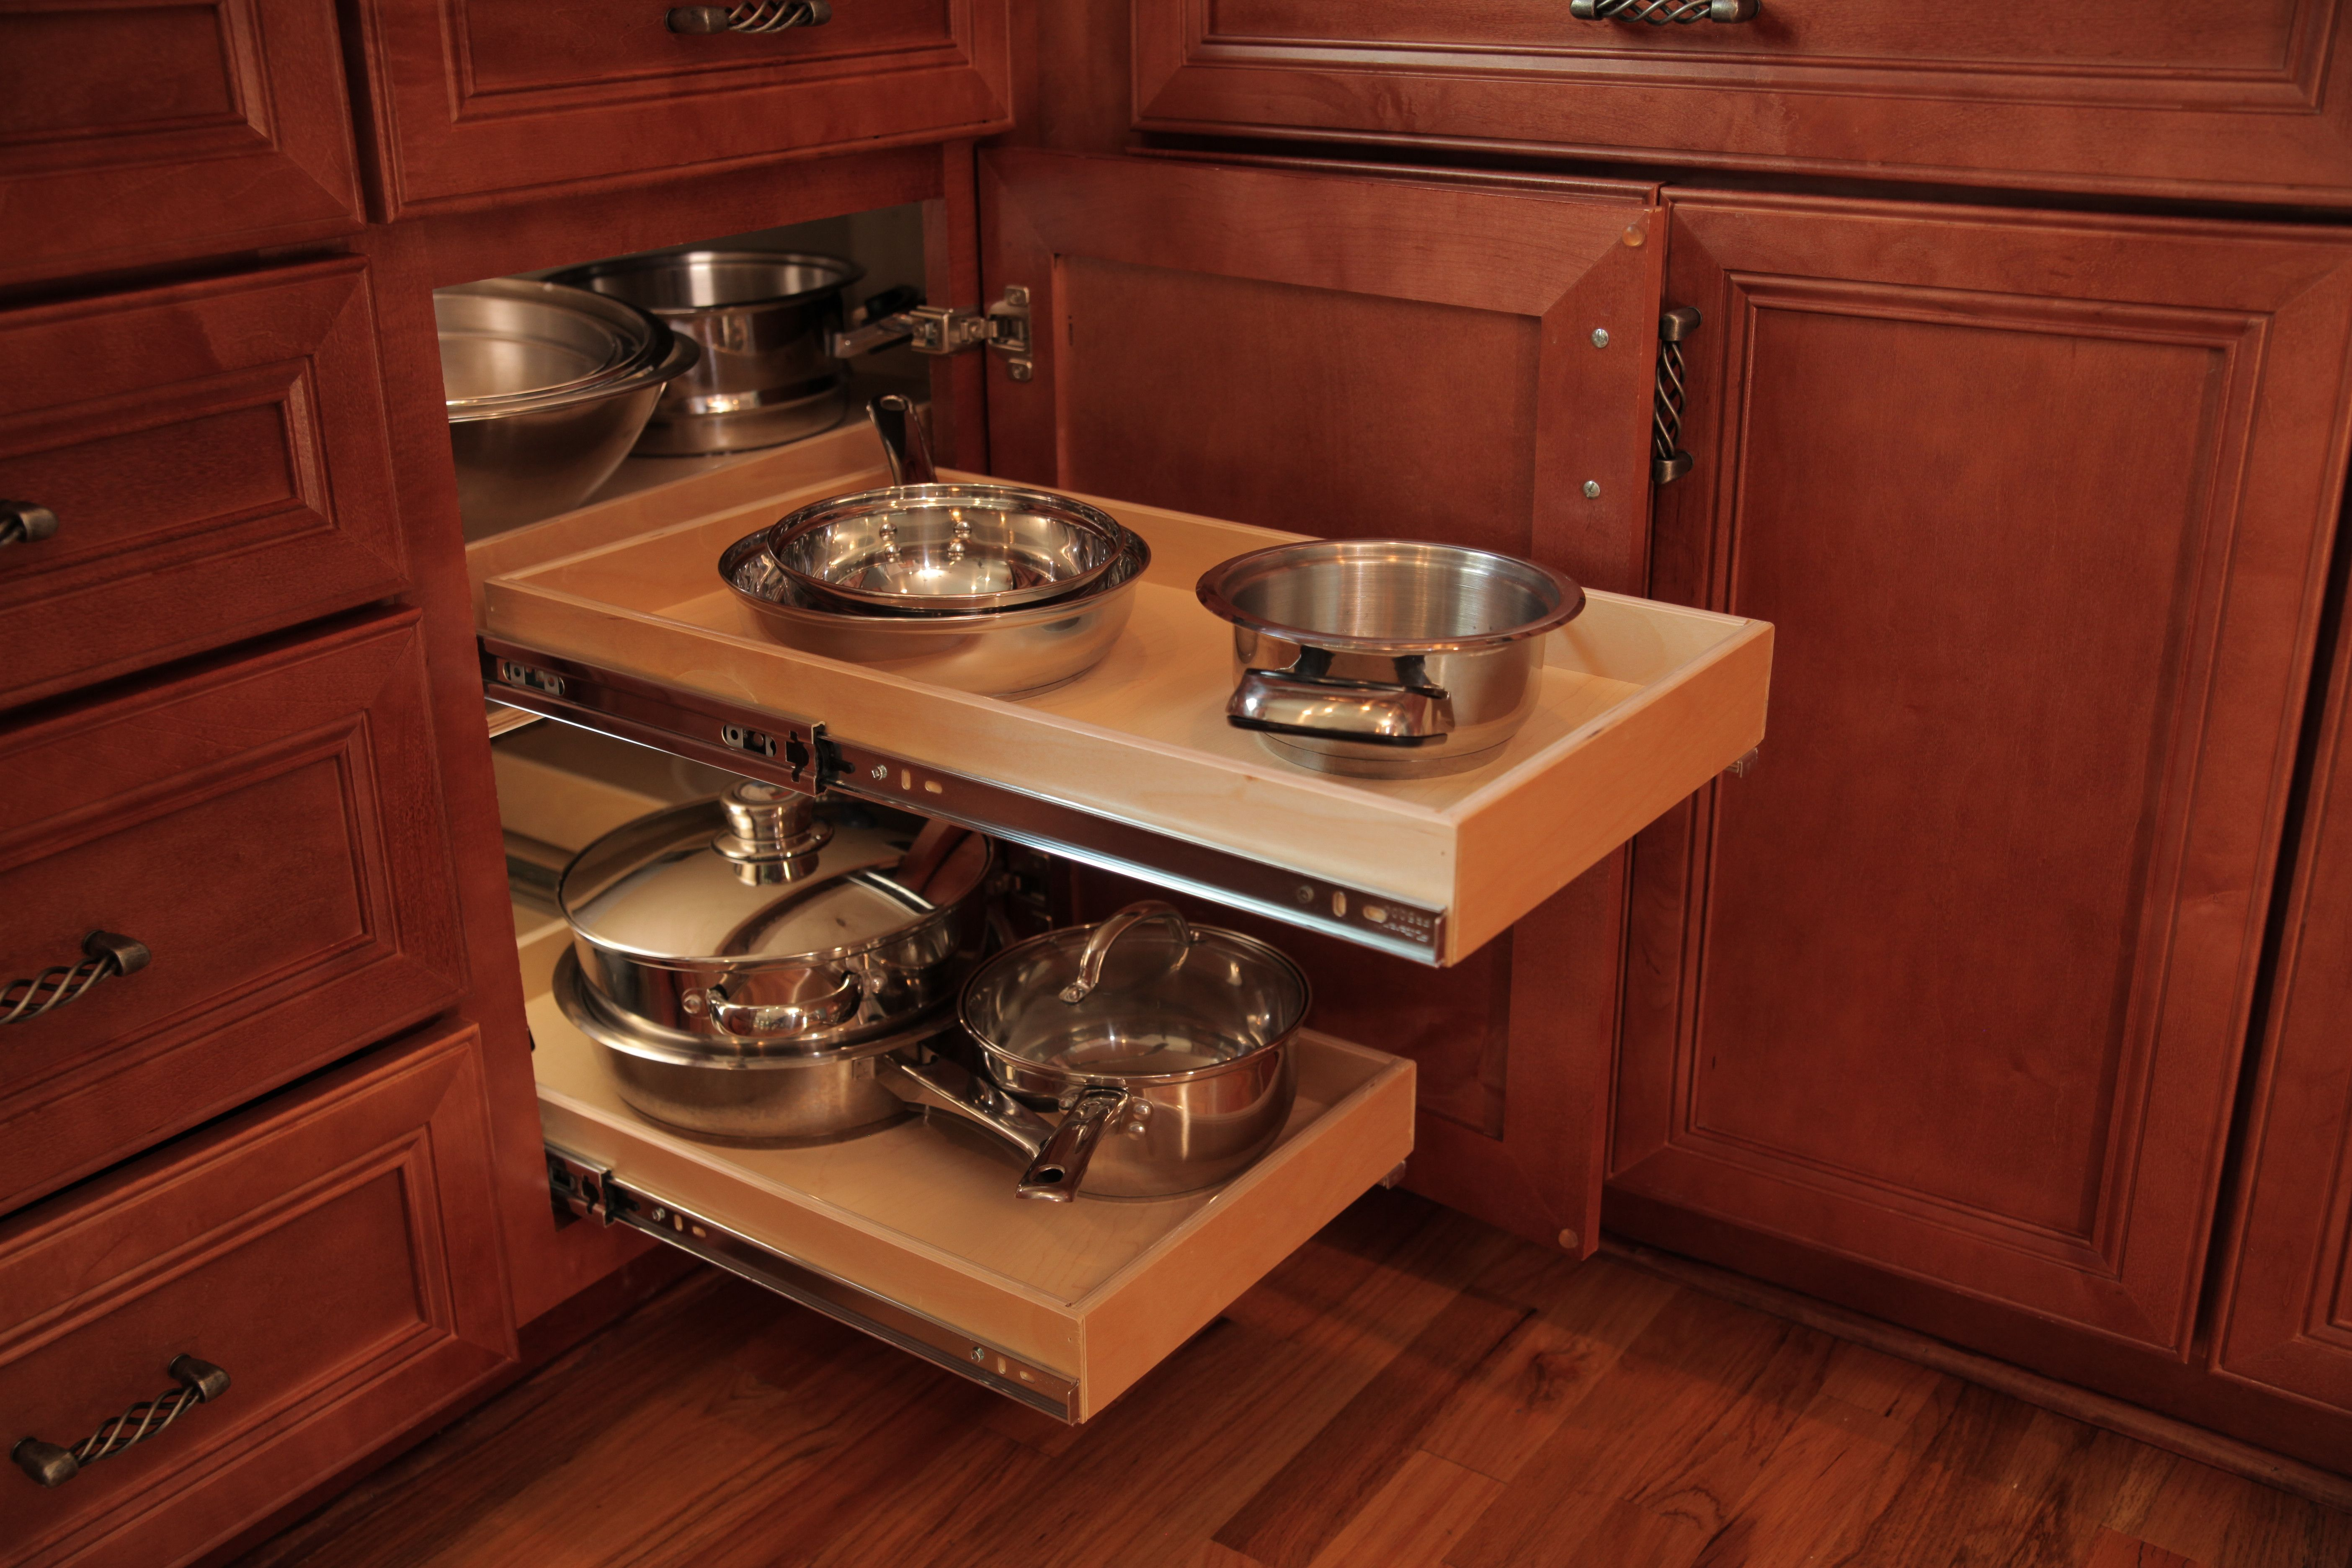 Blind Corner Kitchen Cabinet Organizers Fresh Turntable Design Ideas